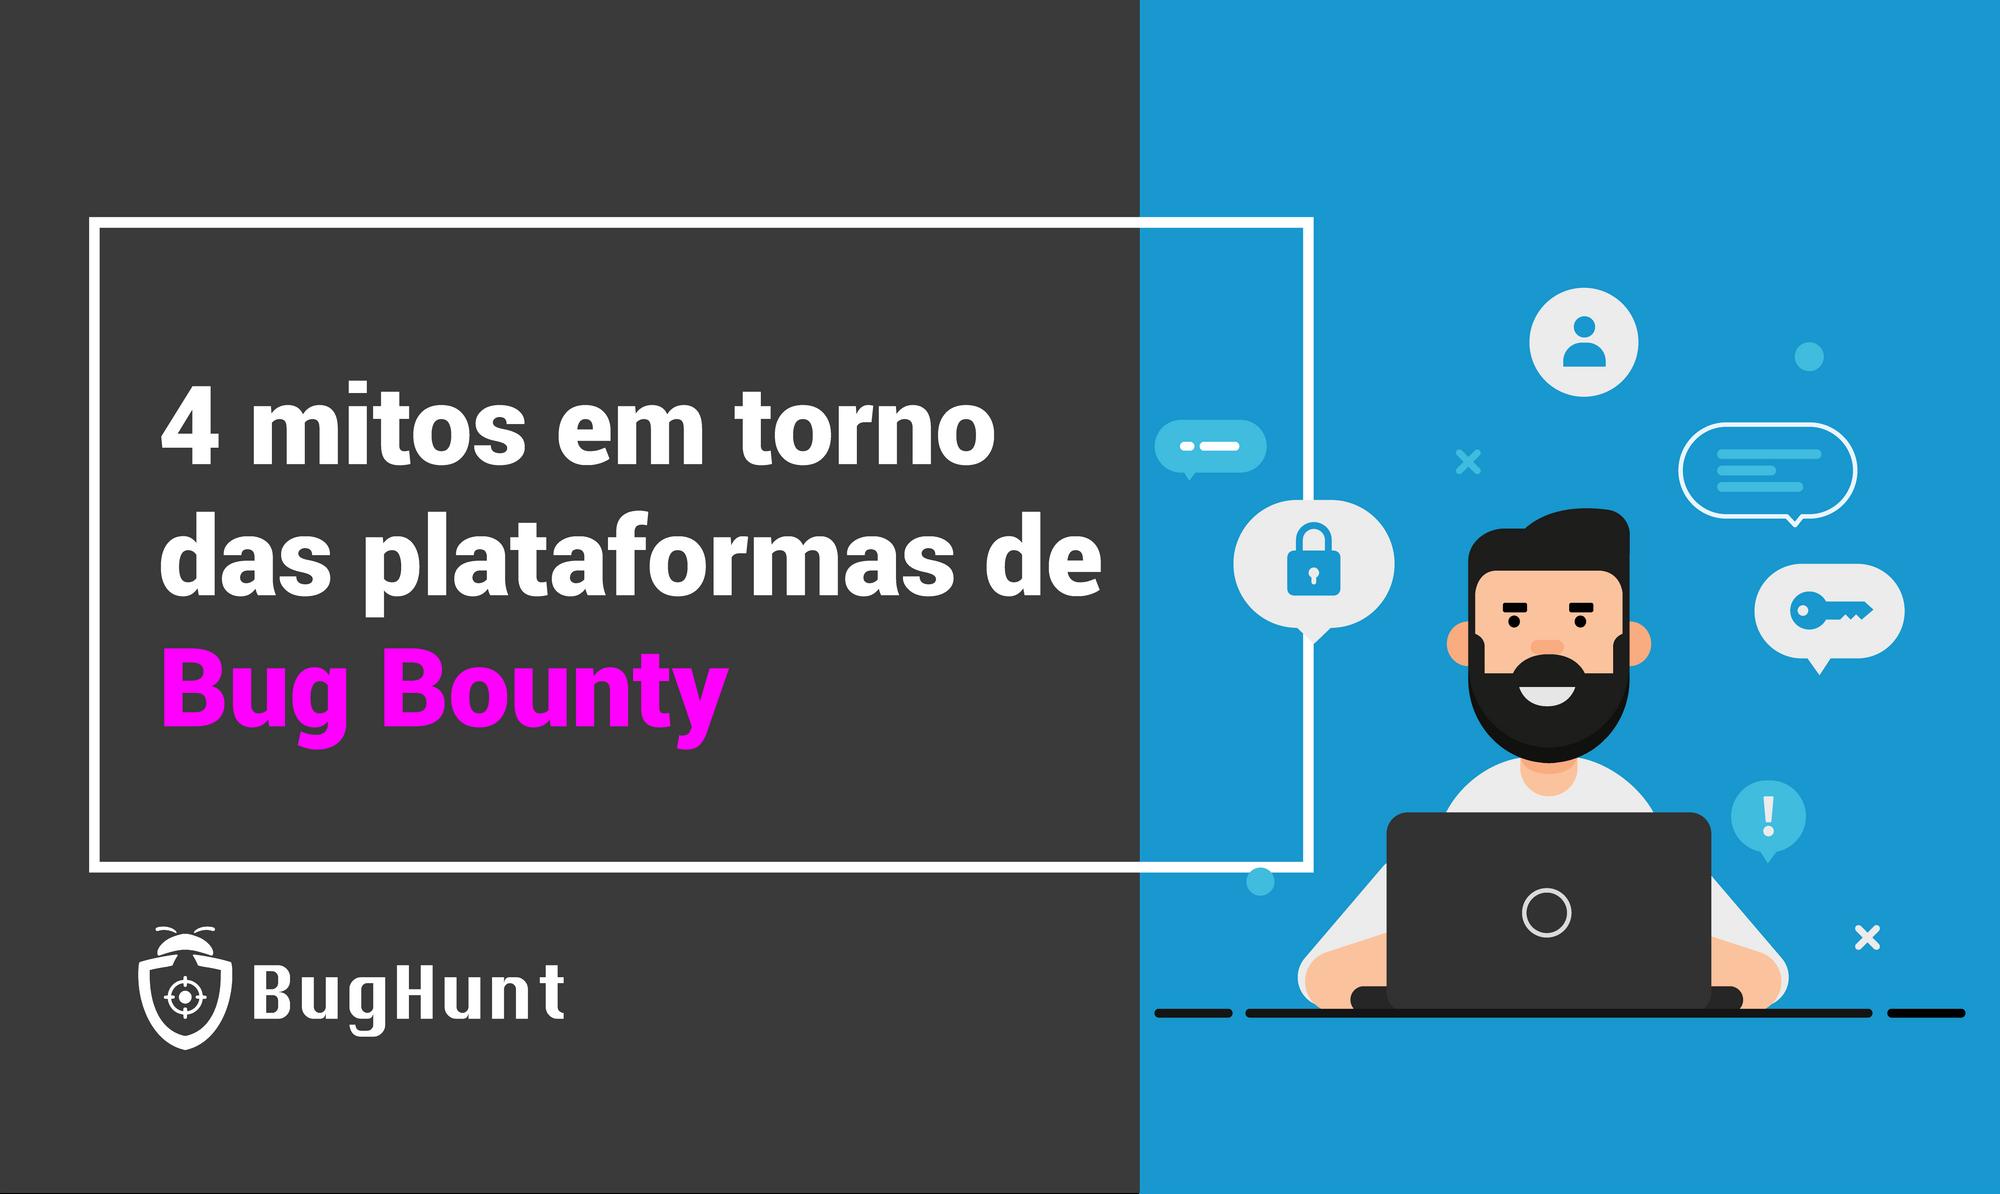 4 Mitos em torno das plataformas de Bug Bounty